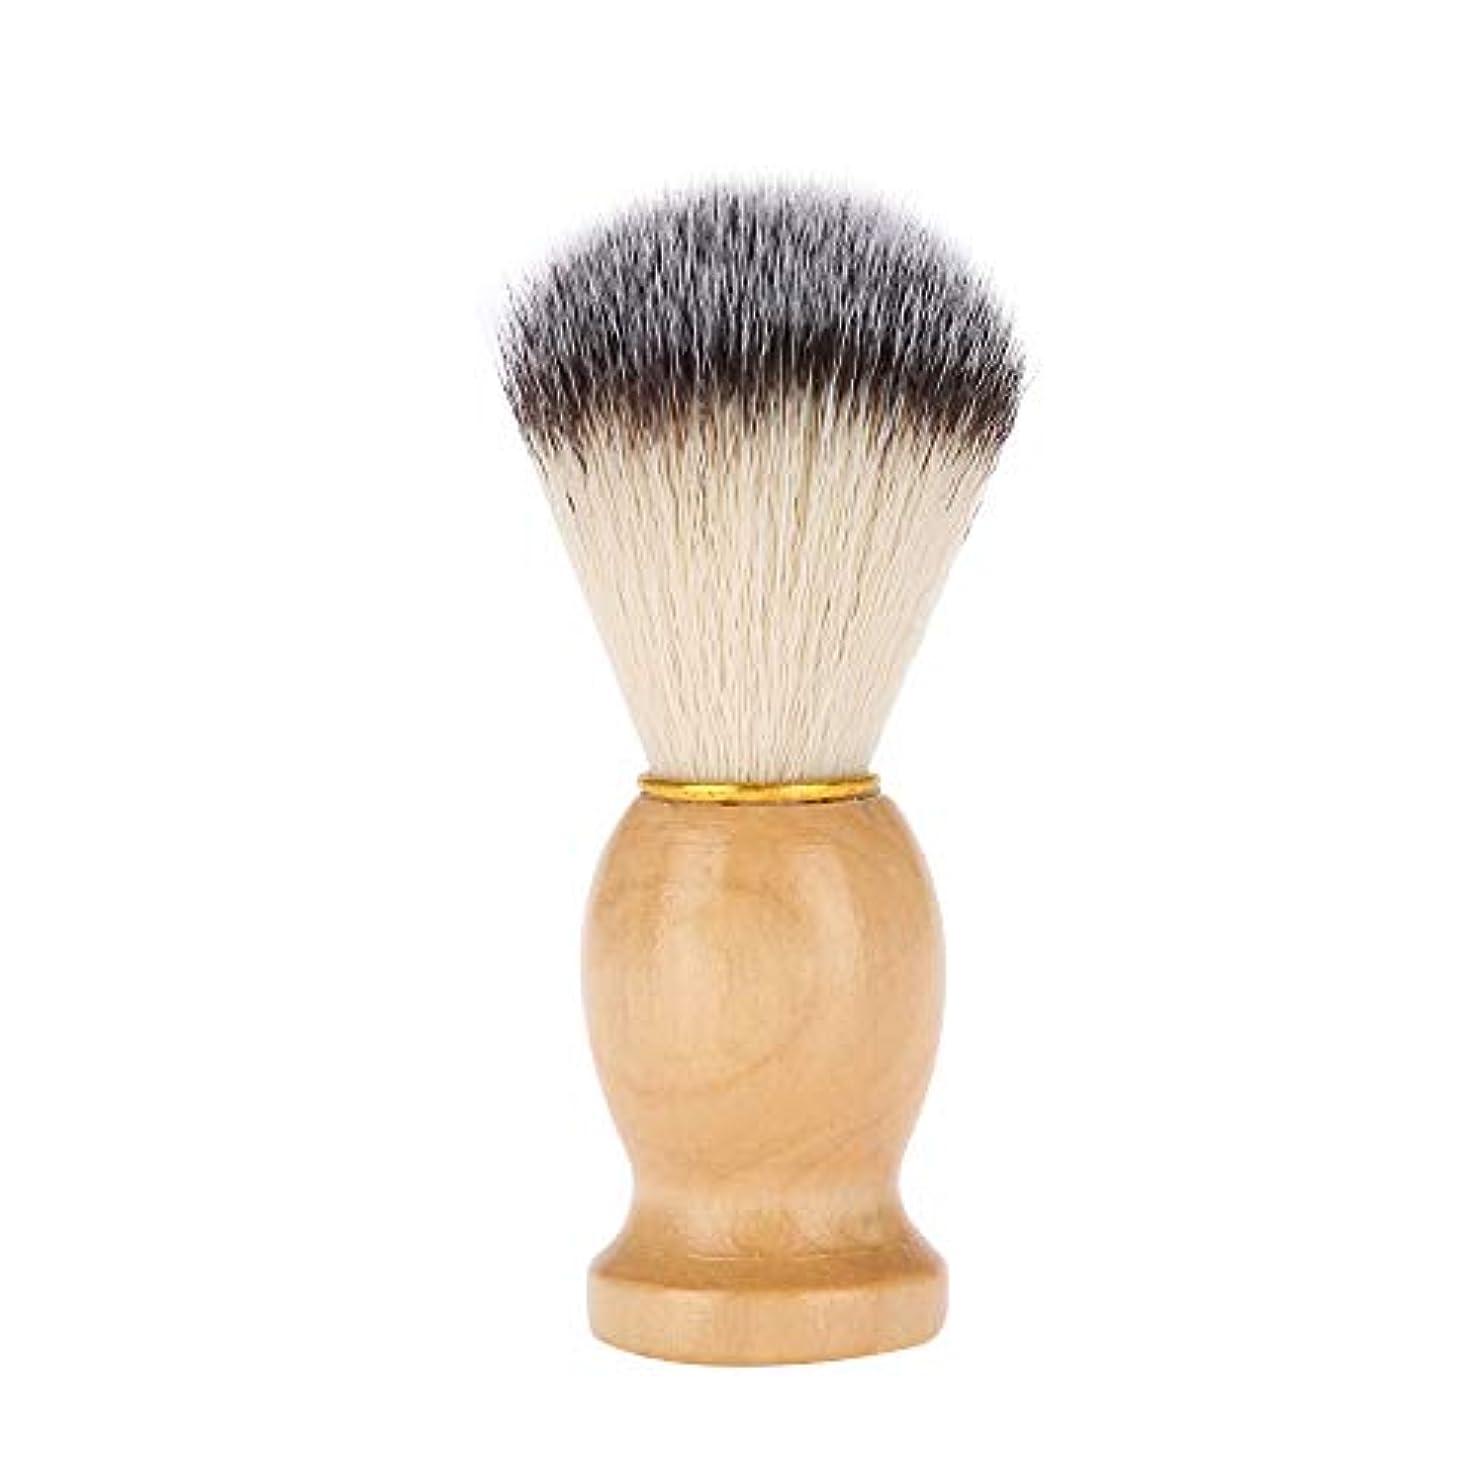 競争力のあるピッチャー聖人シェービングブラシ 髭剃りブラシ 木製ハンドル+繊維毛 泡立て ひげ剃りツール メンズ理容ブラシ